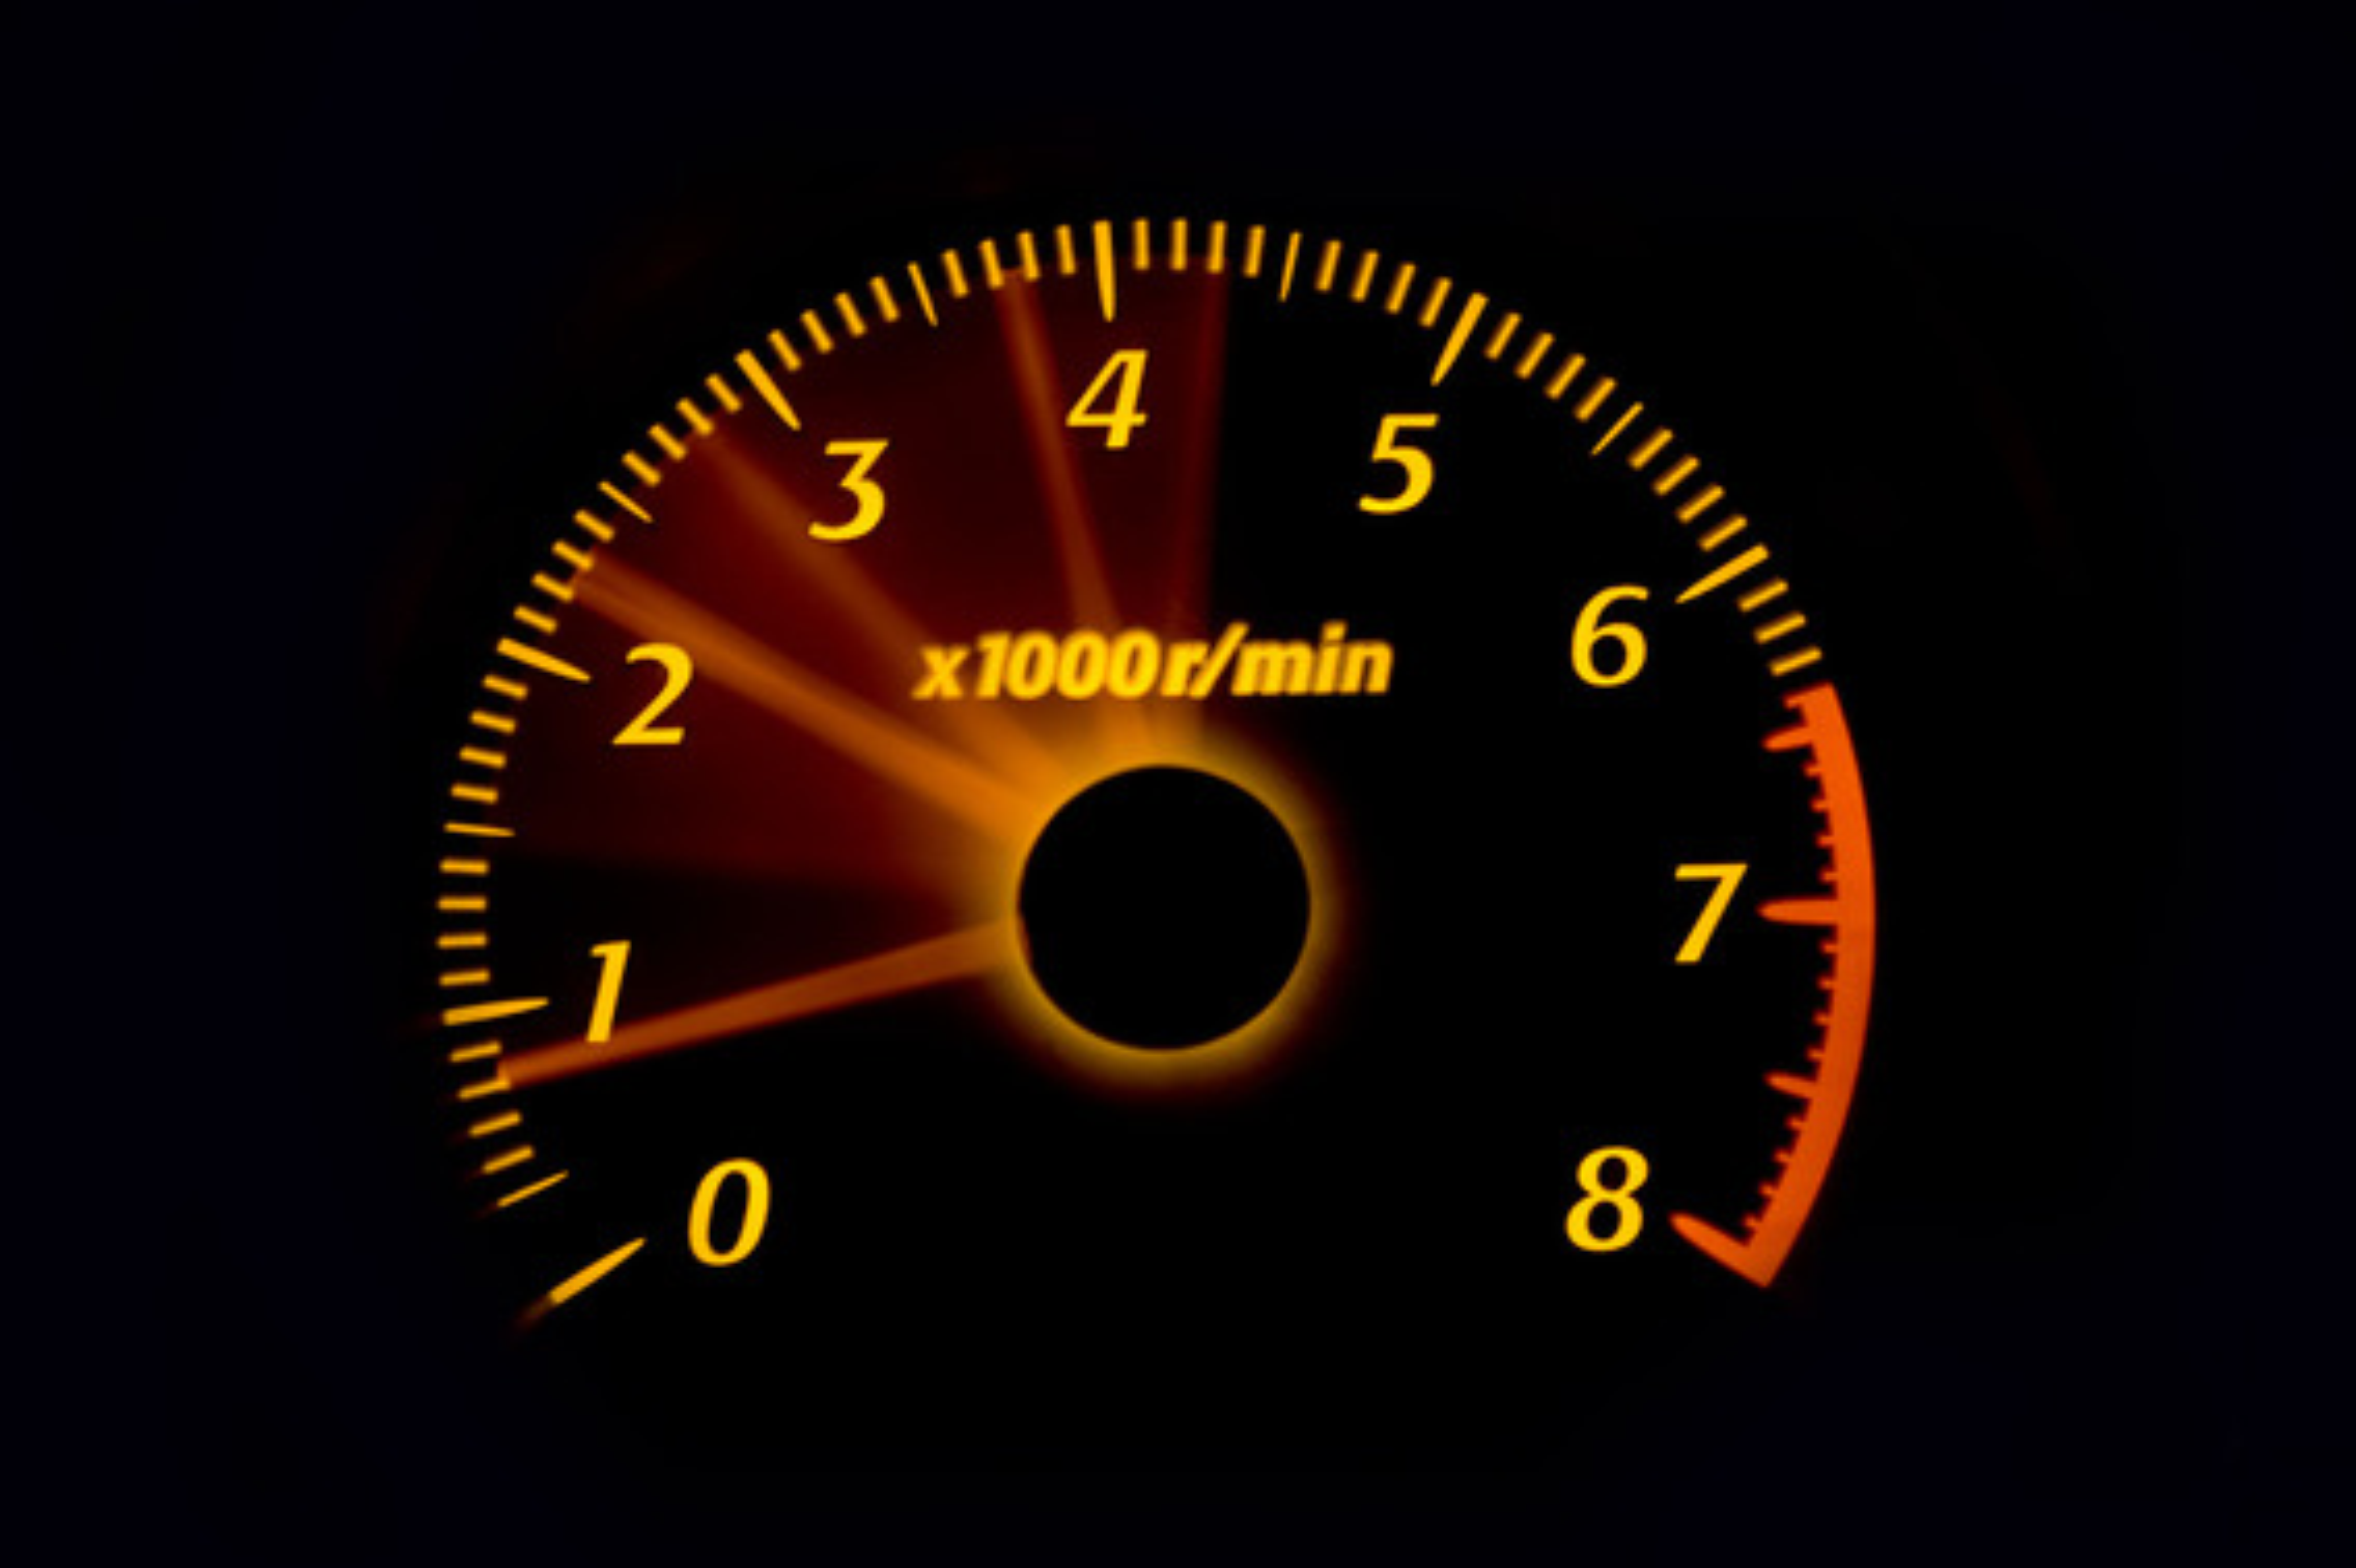 Плавают обороты холостого хода бензинового двигателя Peugeot 206